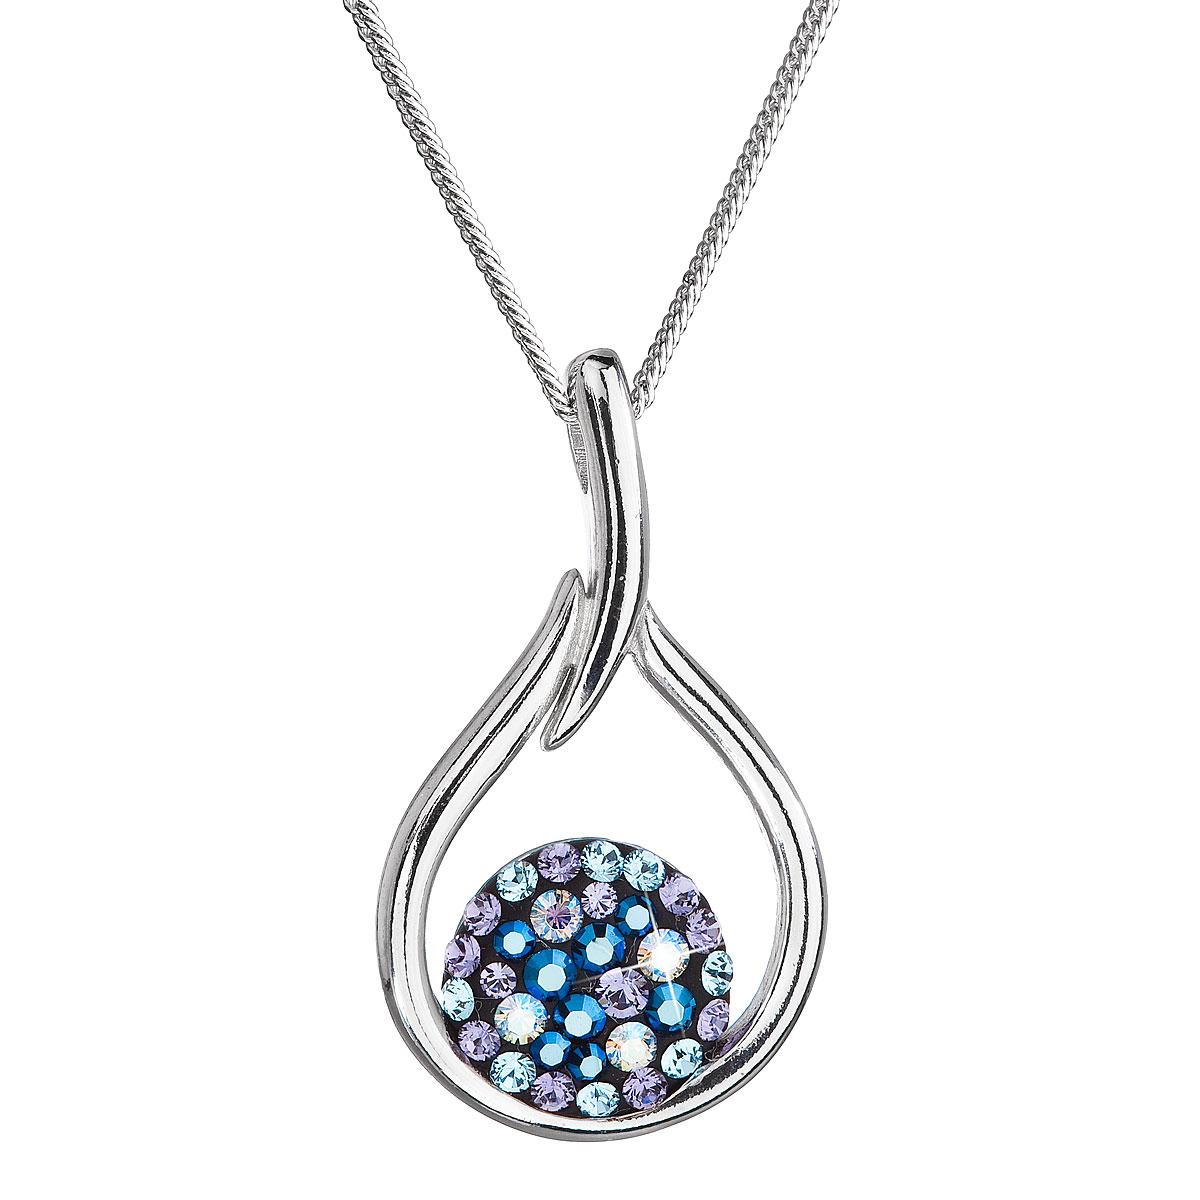 Evolution Group Stříbrný náhrdelník se Swarovski krystaly kapka 32075.3 blue style